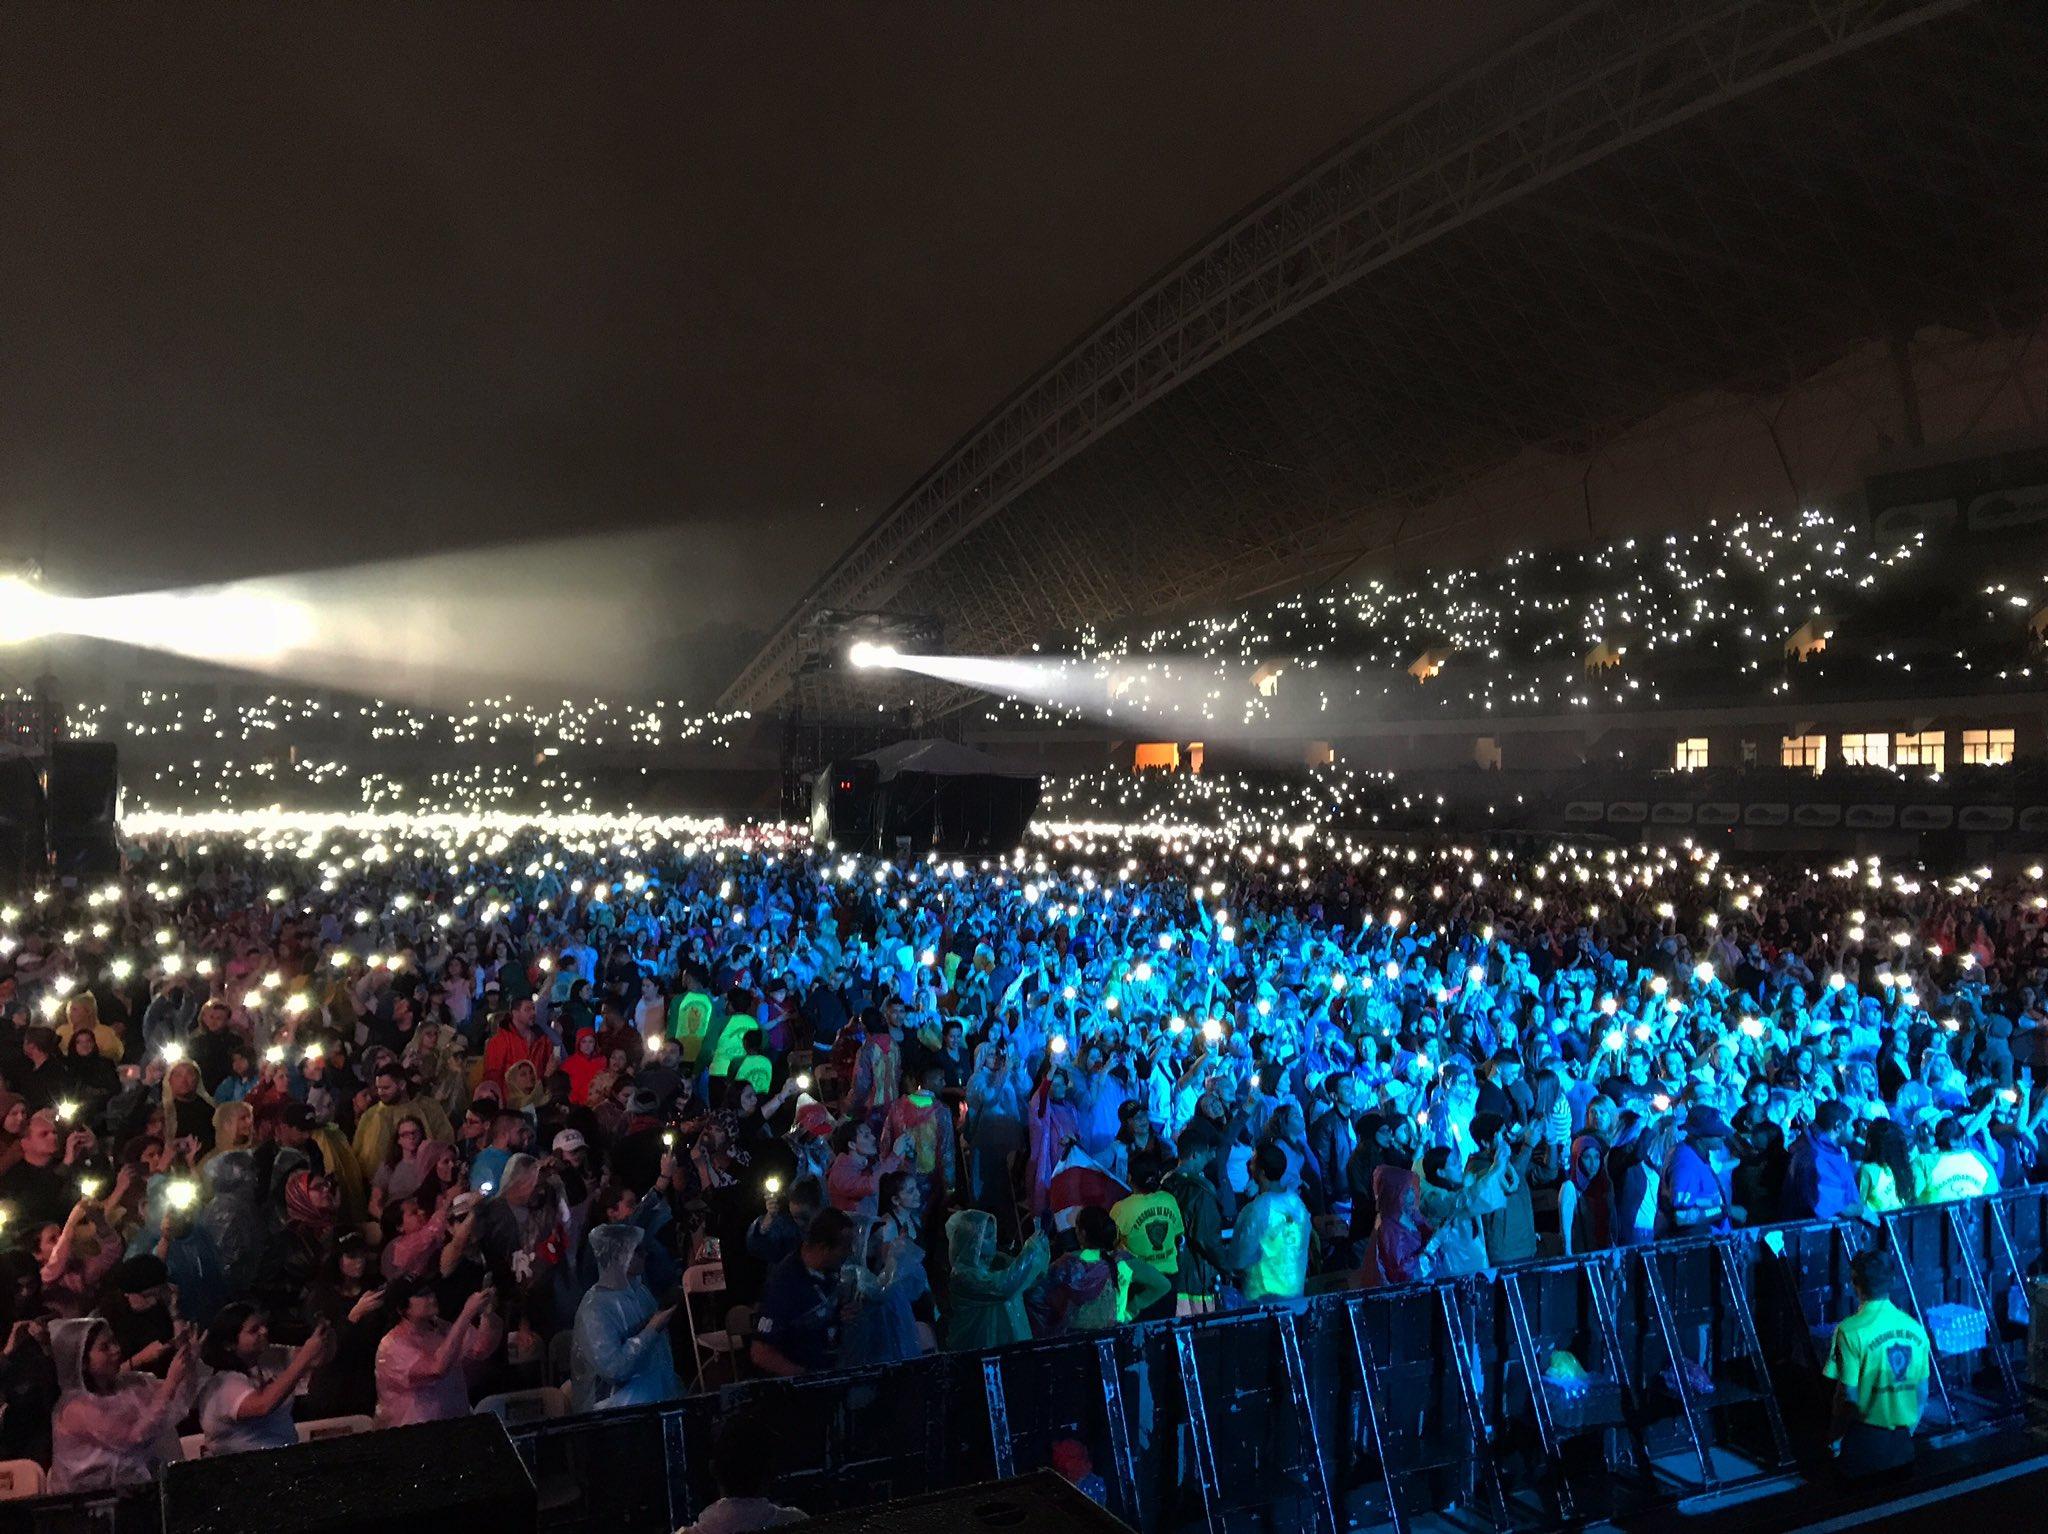 Costa Rica. I LOVE YOU! https://t.co/YJSyJXXX2j